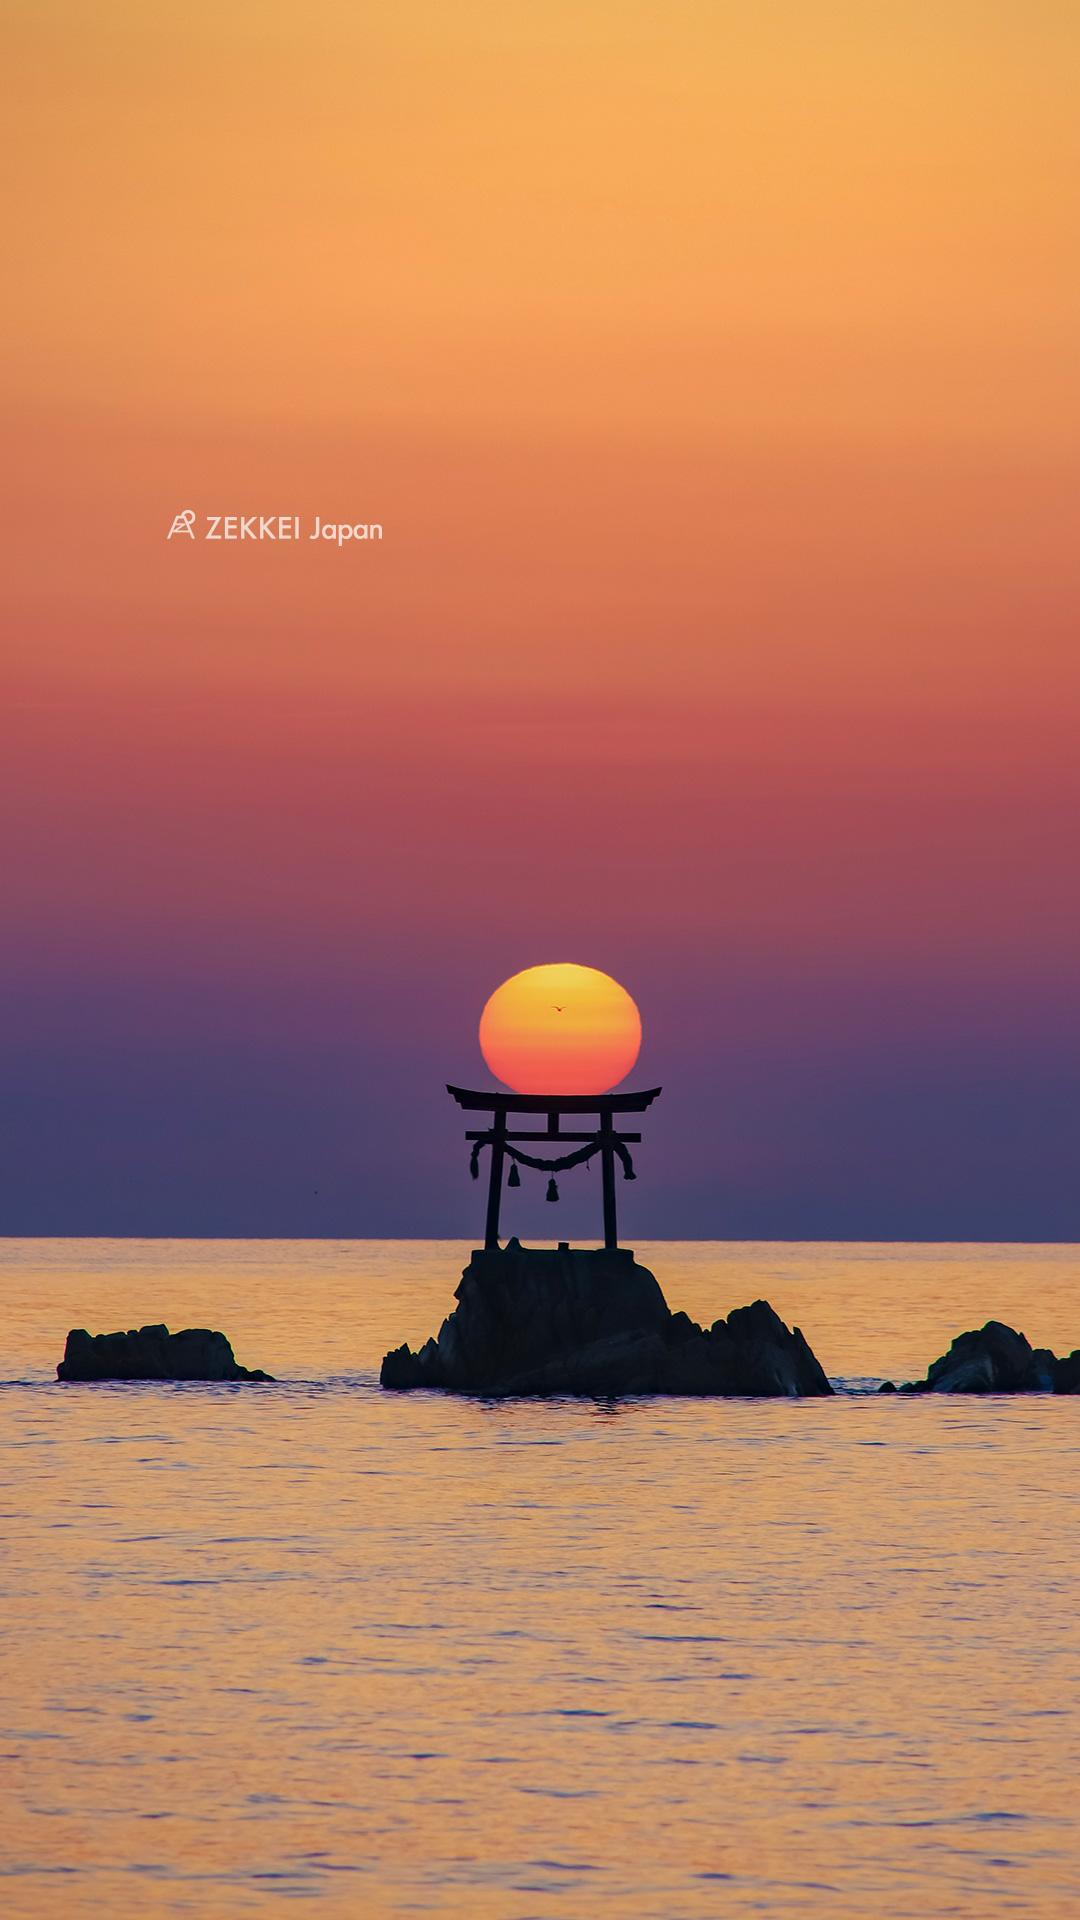 絶景壁紙 潮の満ち引きで表情を変える 海にたたずむ鳥居 の壁紙 Zekkei Japan